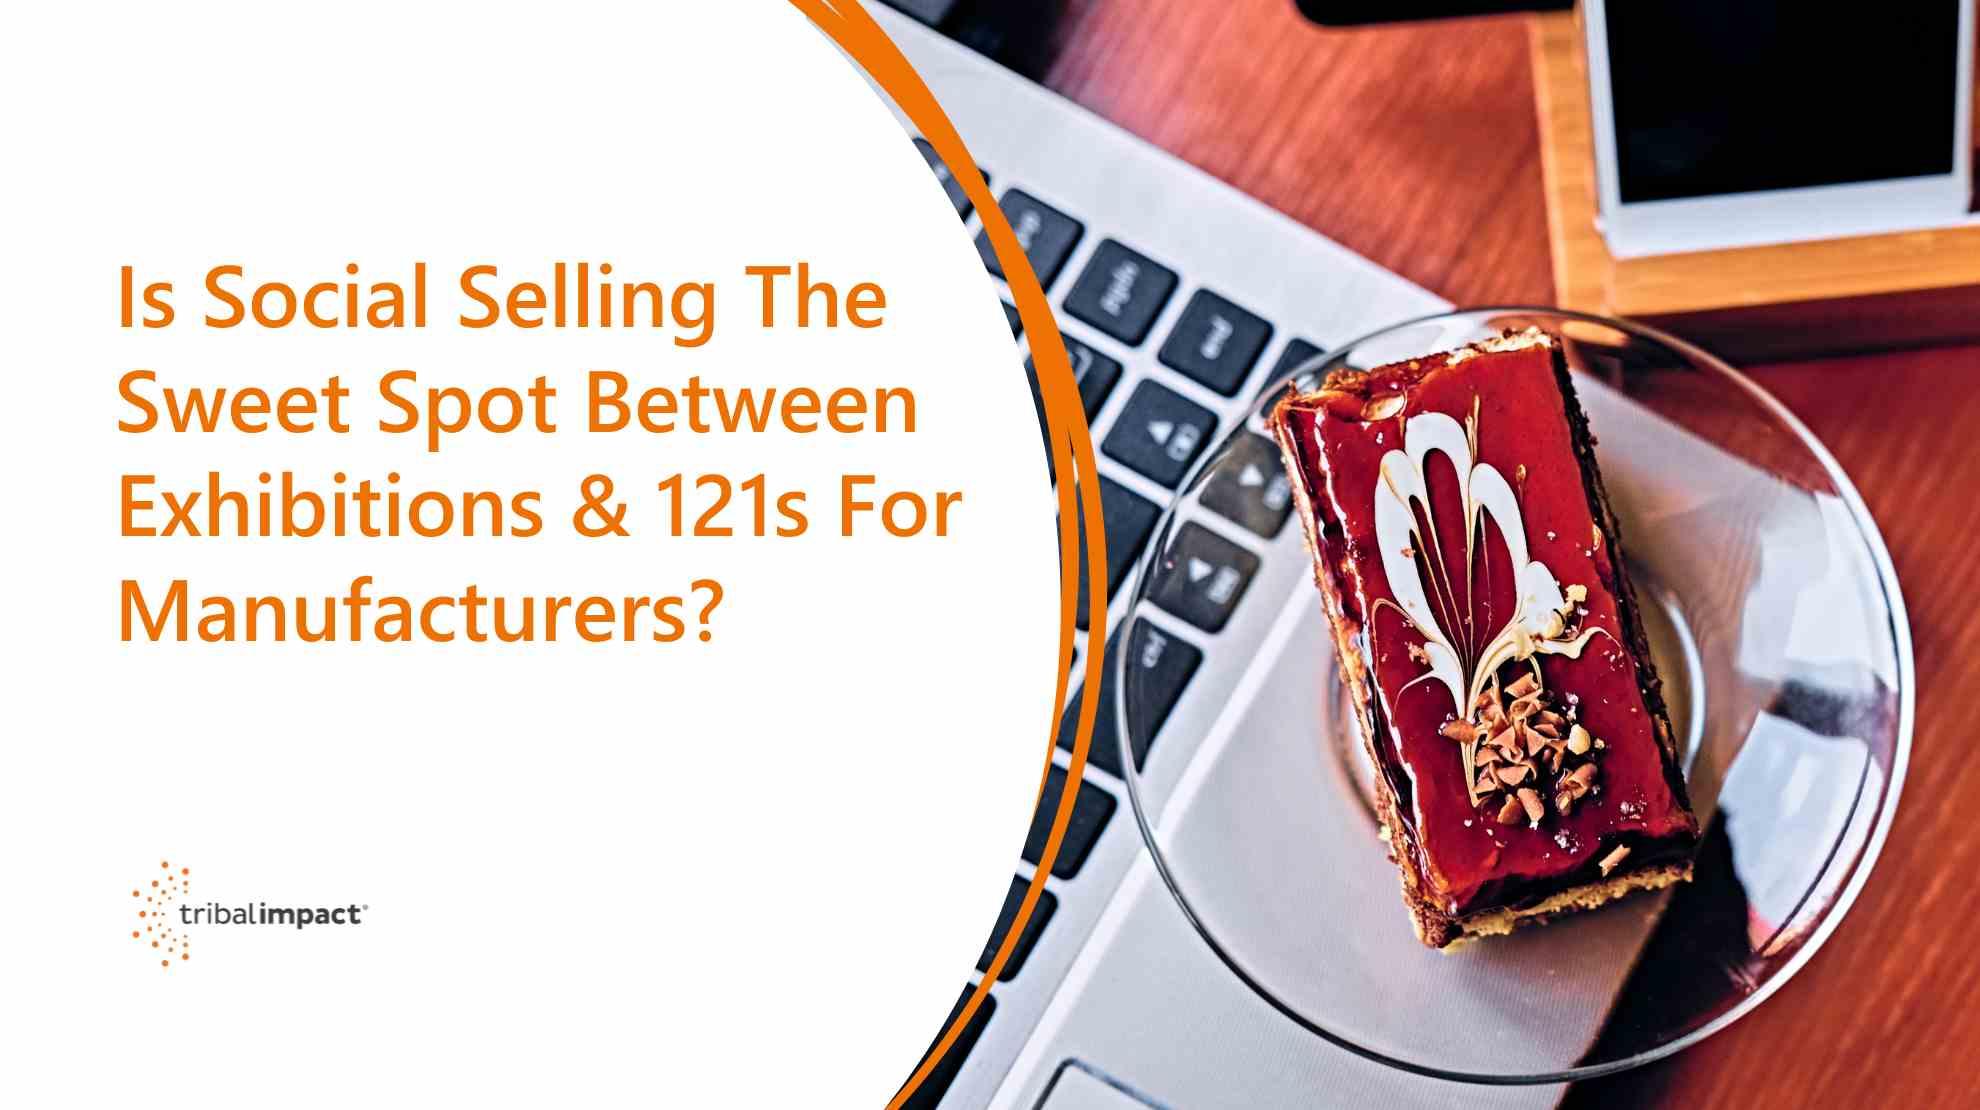 La vente sociale est-elle le point idéal entre les expositions 121 pour les fabricants